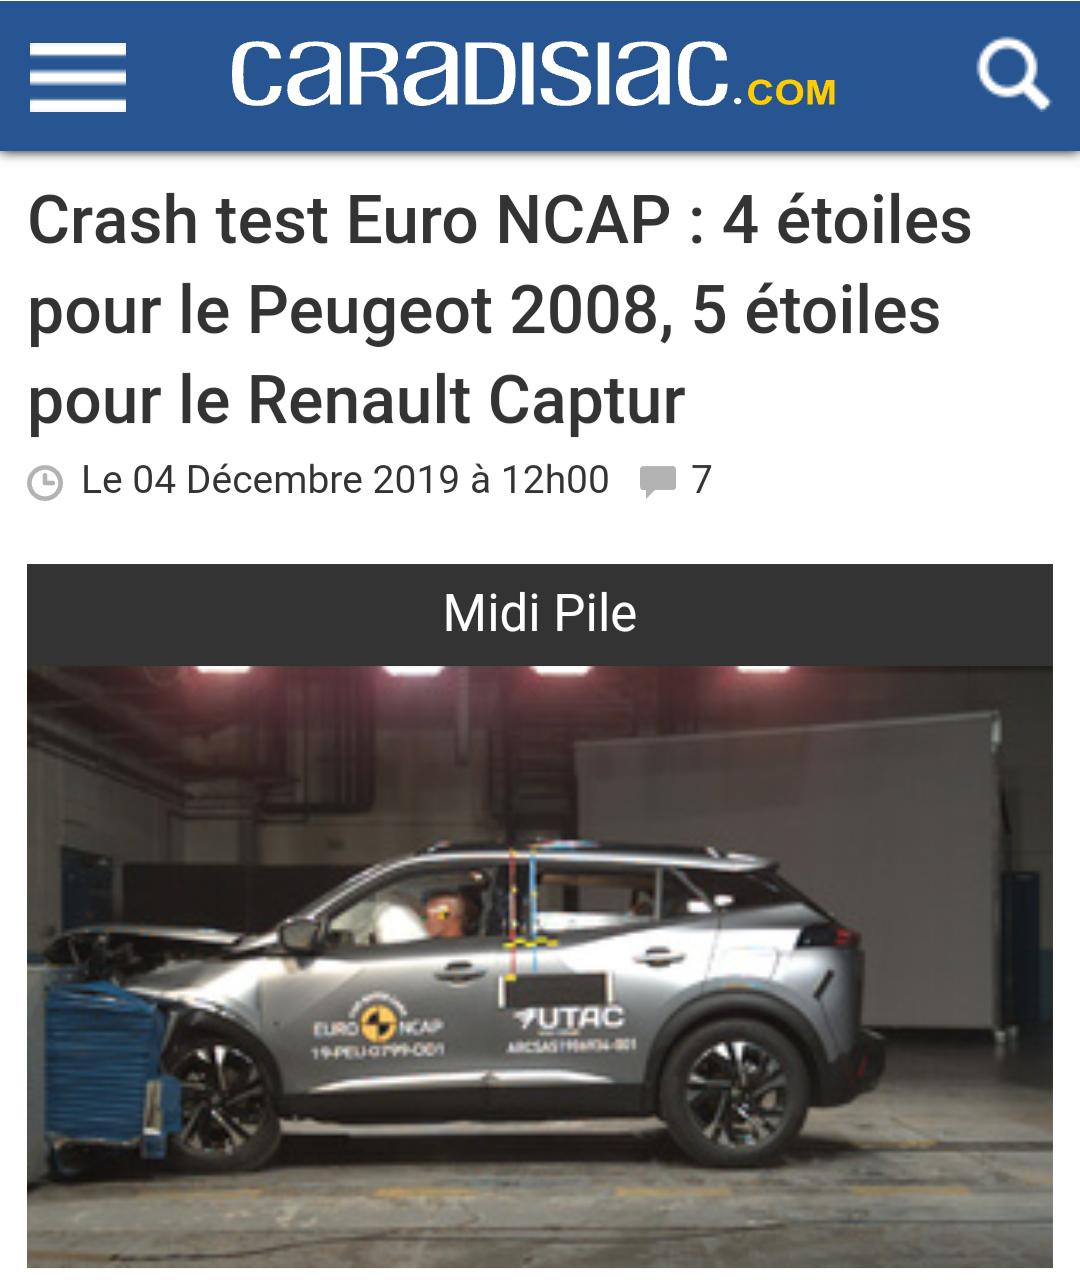 [Securité] Euro NCAP - Page 22 Img_2036